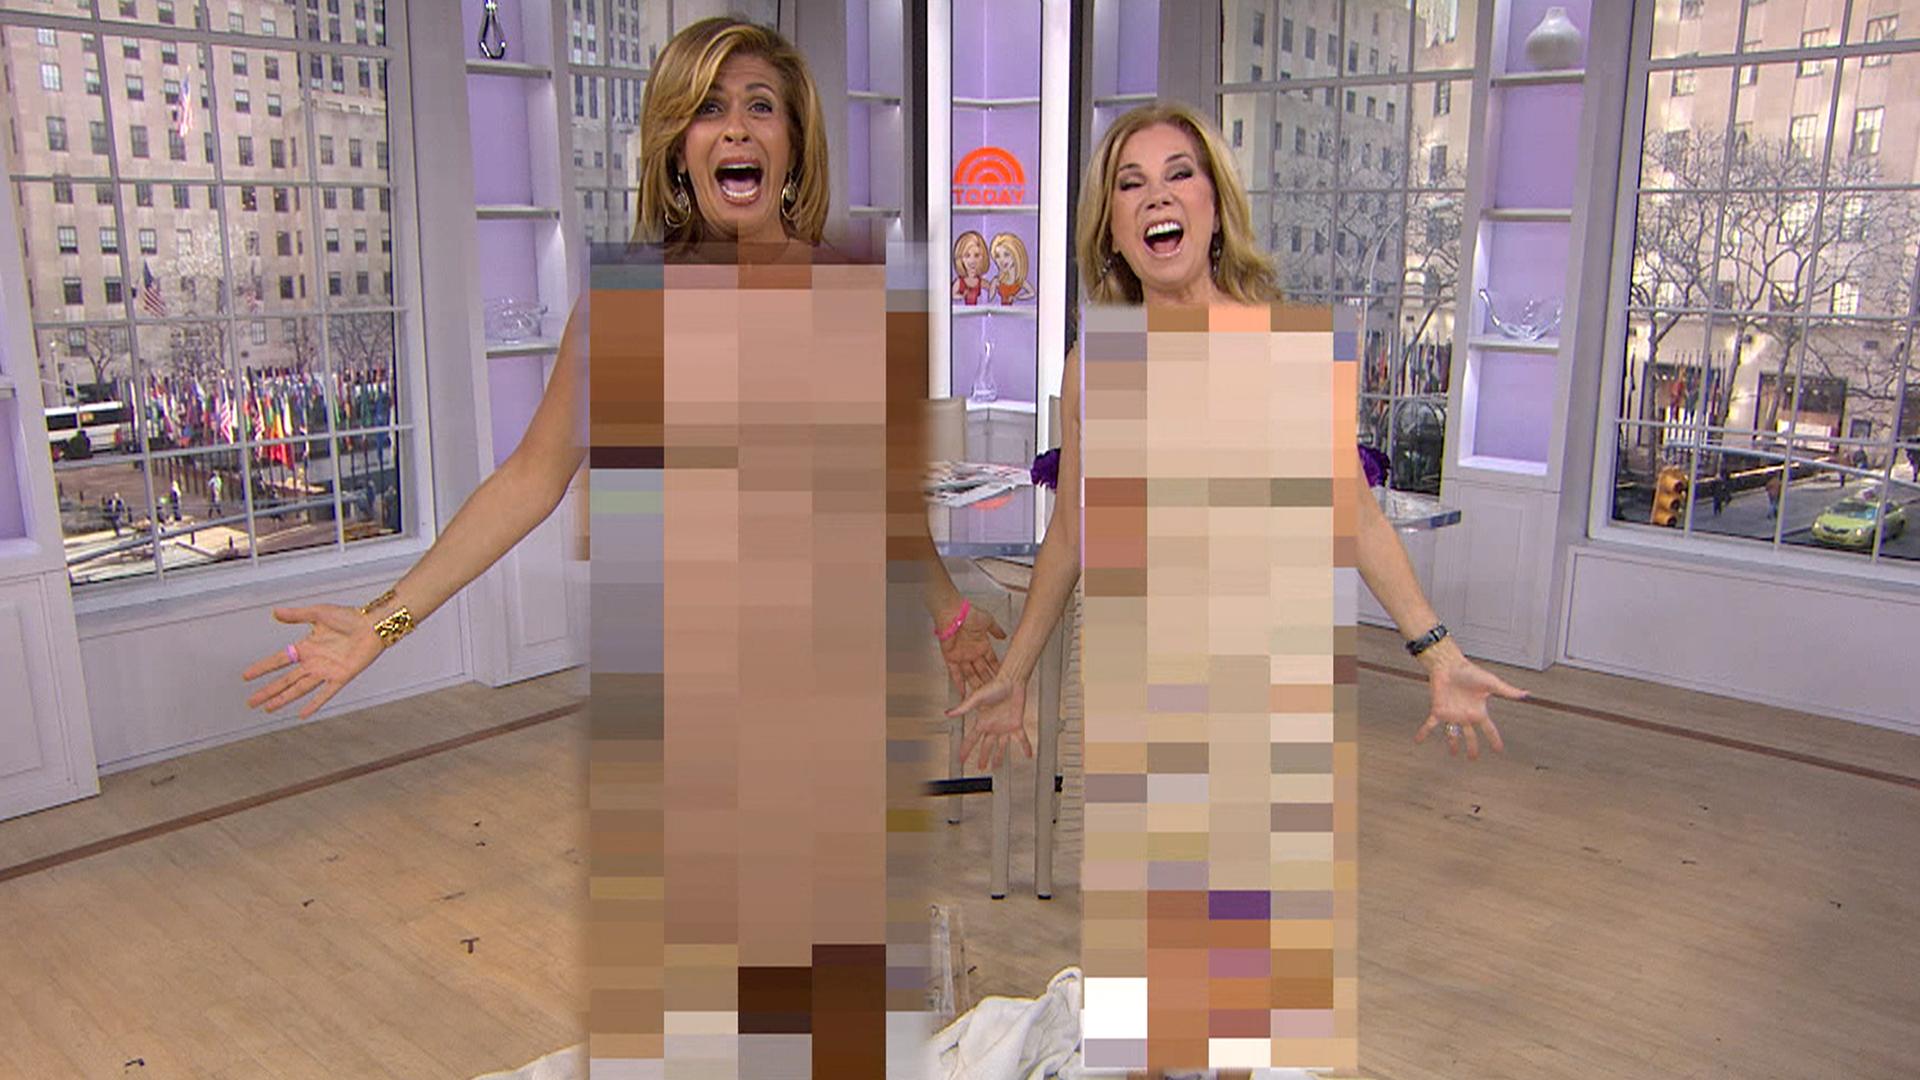 sexy miley ciris naked